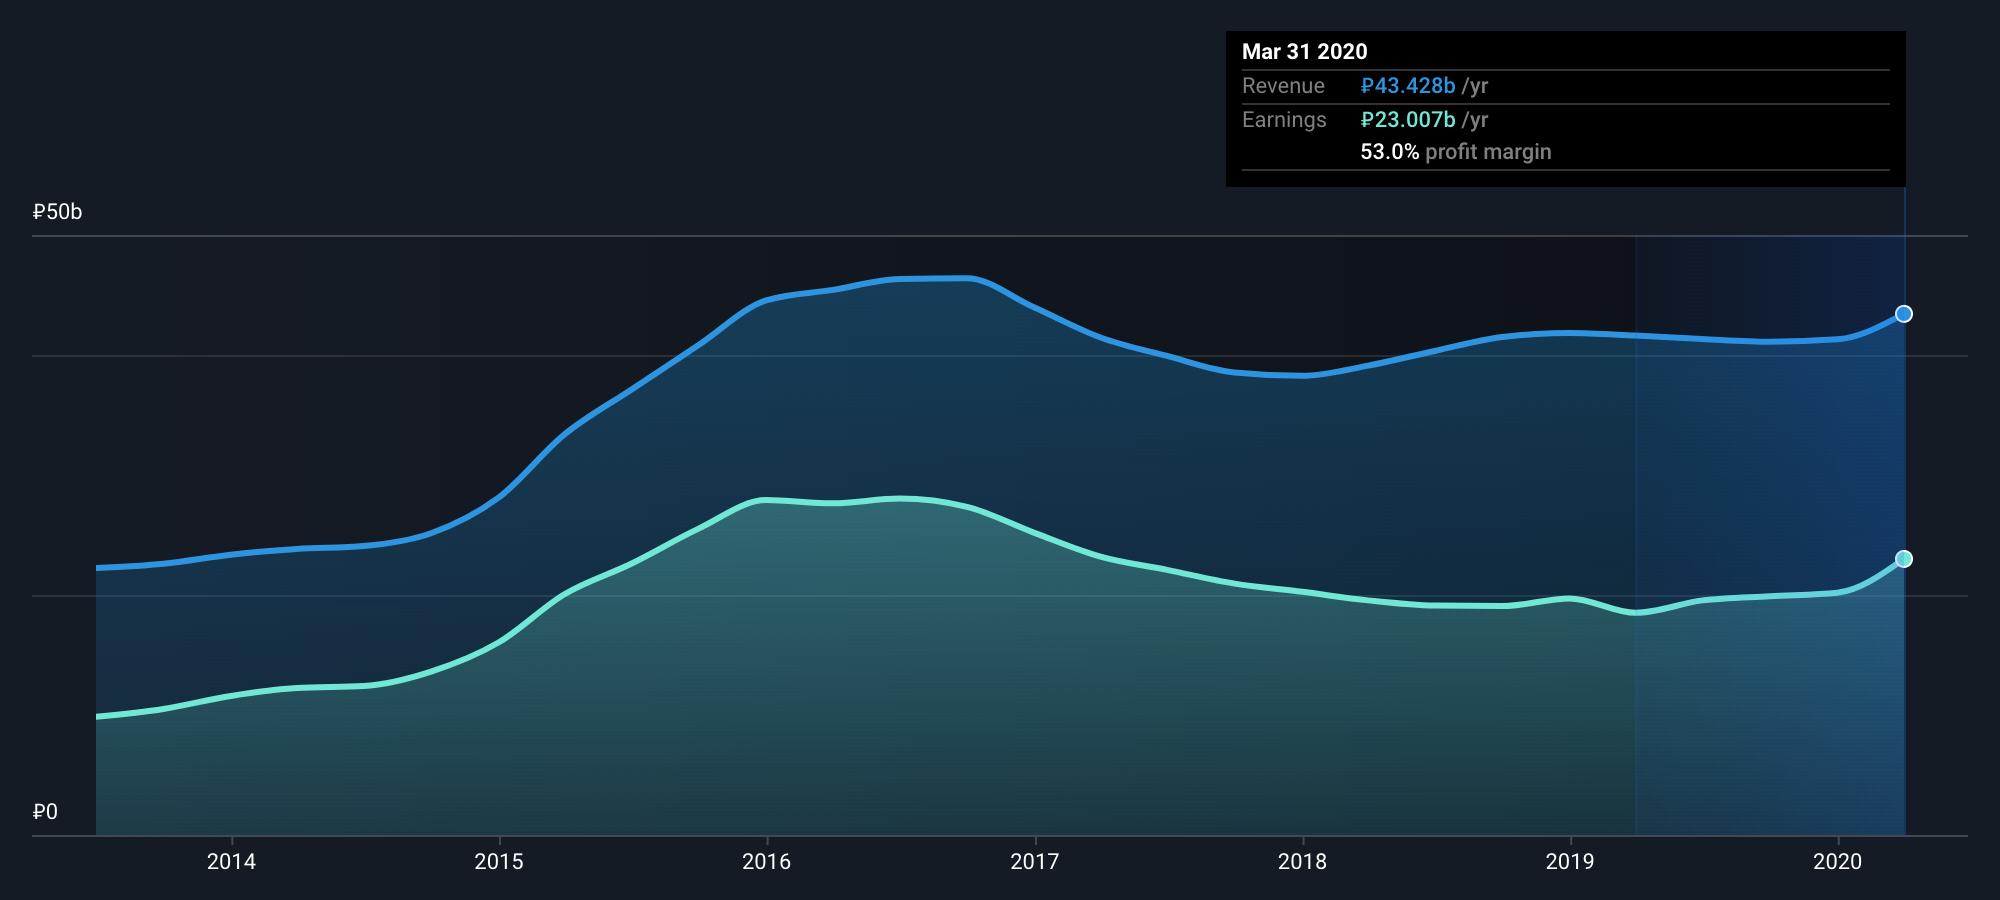 У «Московской биржи» коэффициент Net profit margin равен 53%, это высокое значение